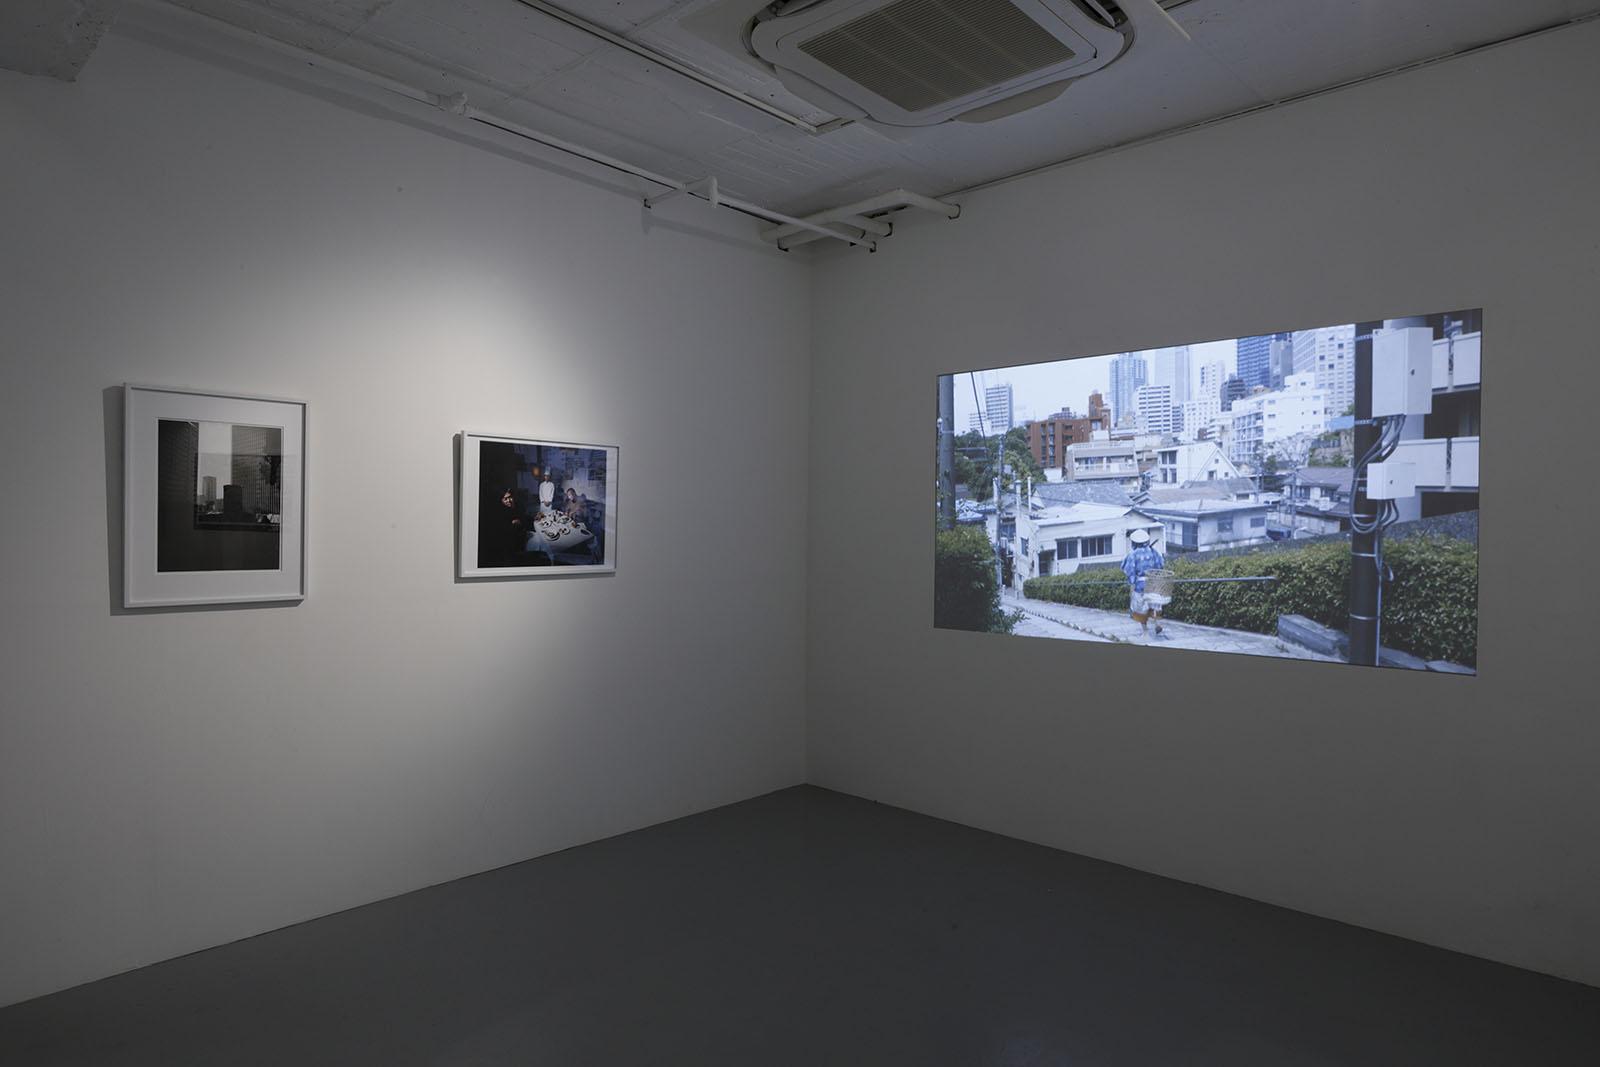 「芸術は、歩くことからはじまる」中島晴矢の個展をキュレーション